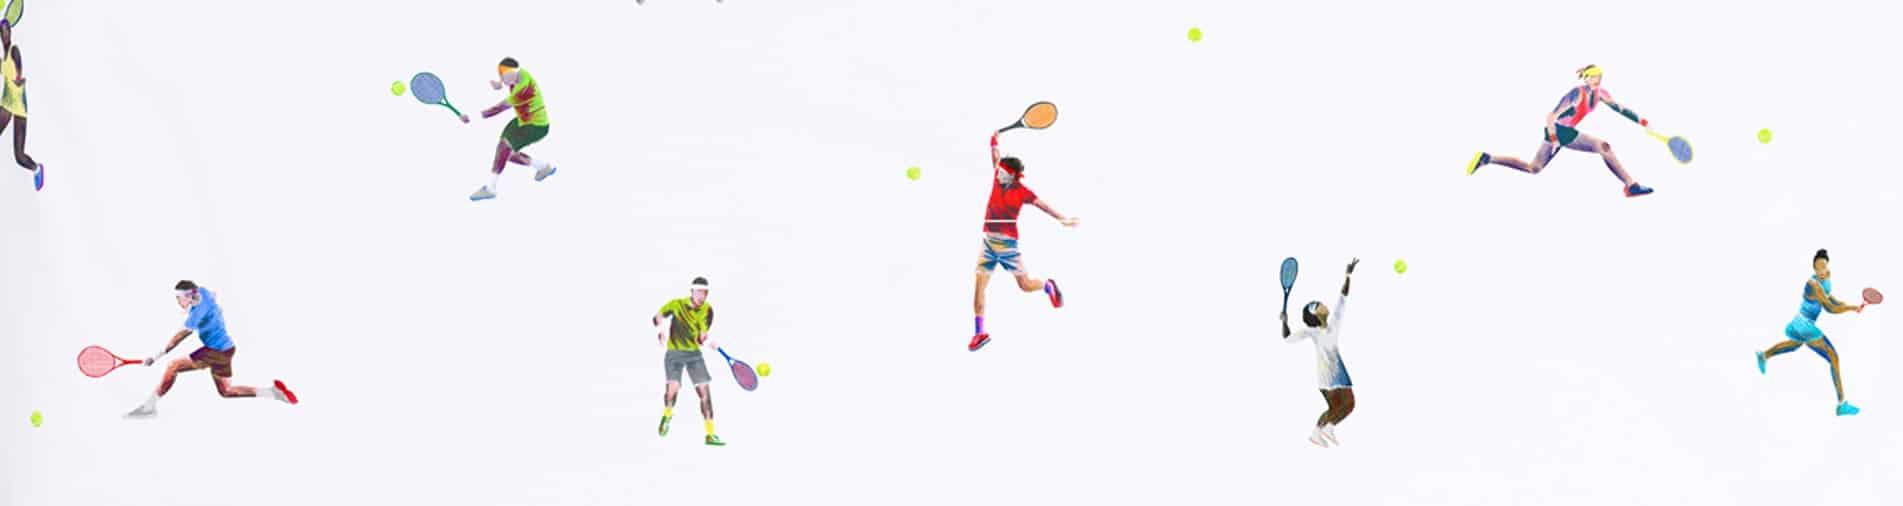 Christian Fischbacher - Matchball